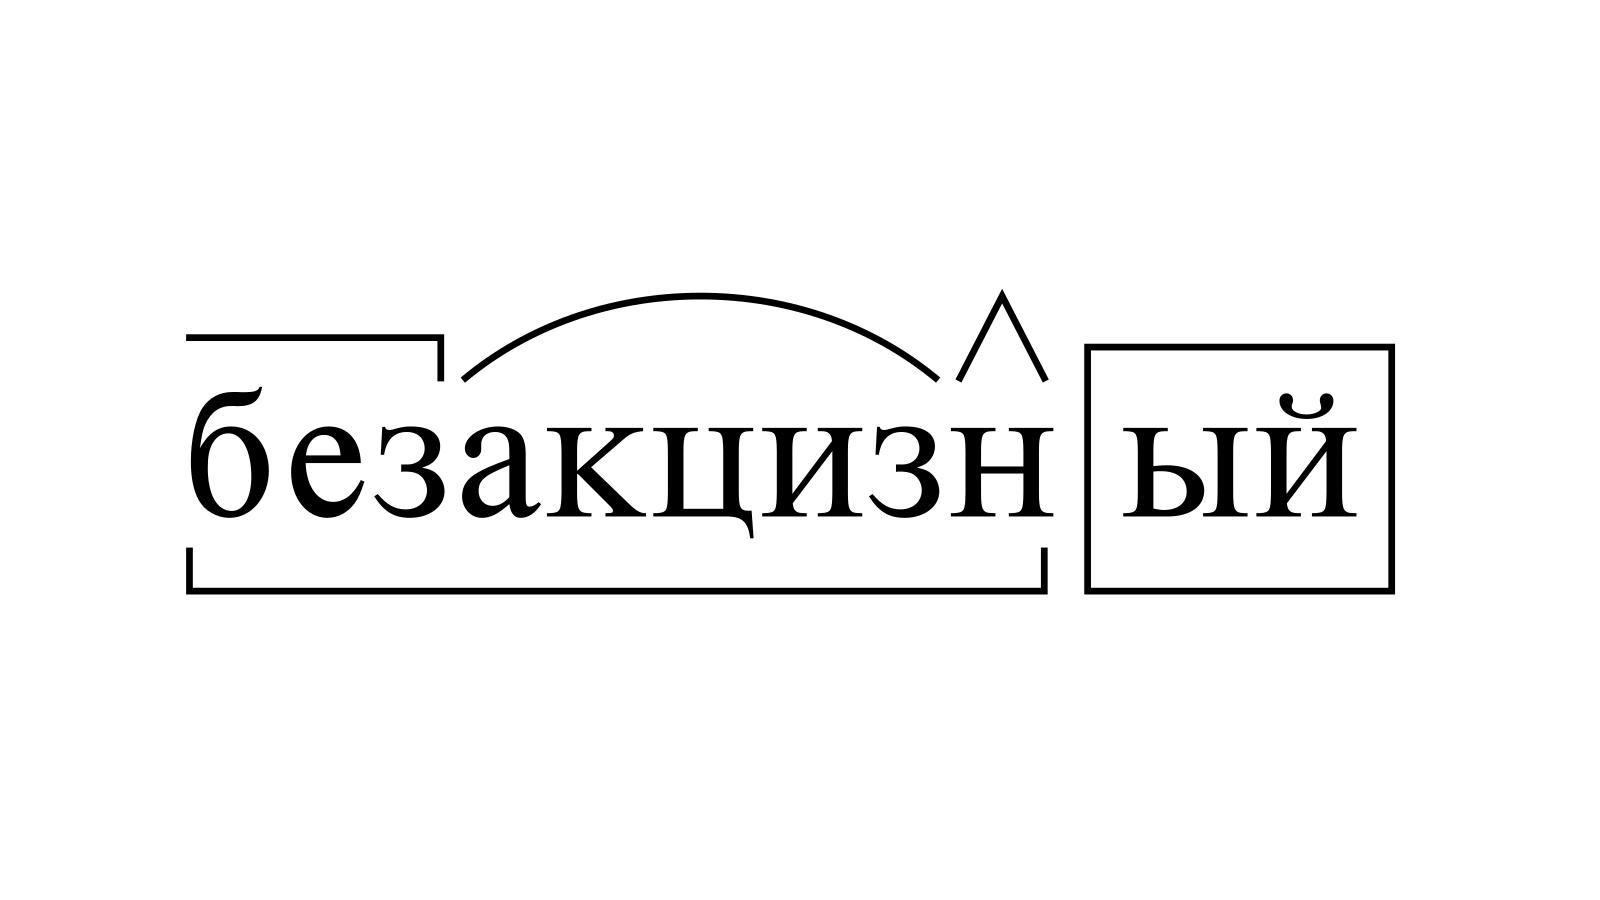 Разбор слова «безакцизный» по составу